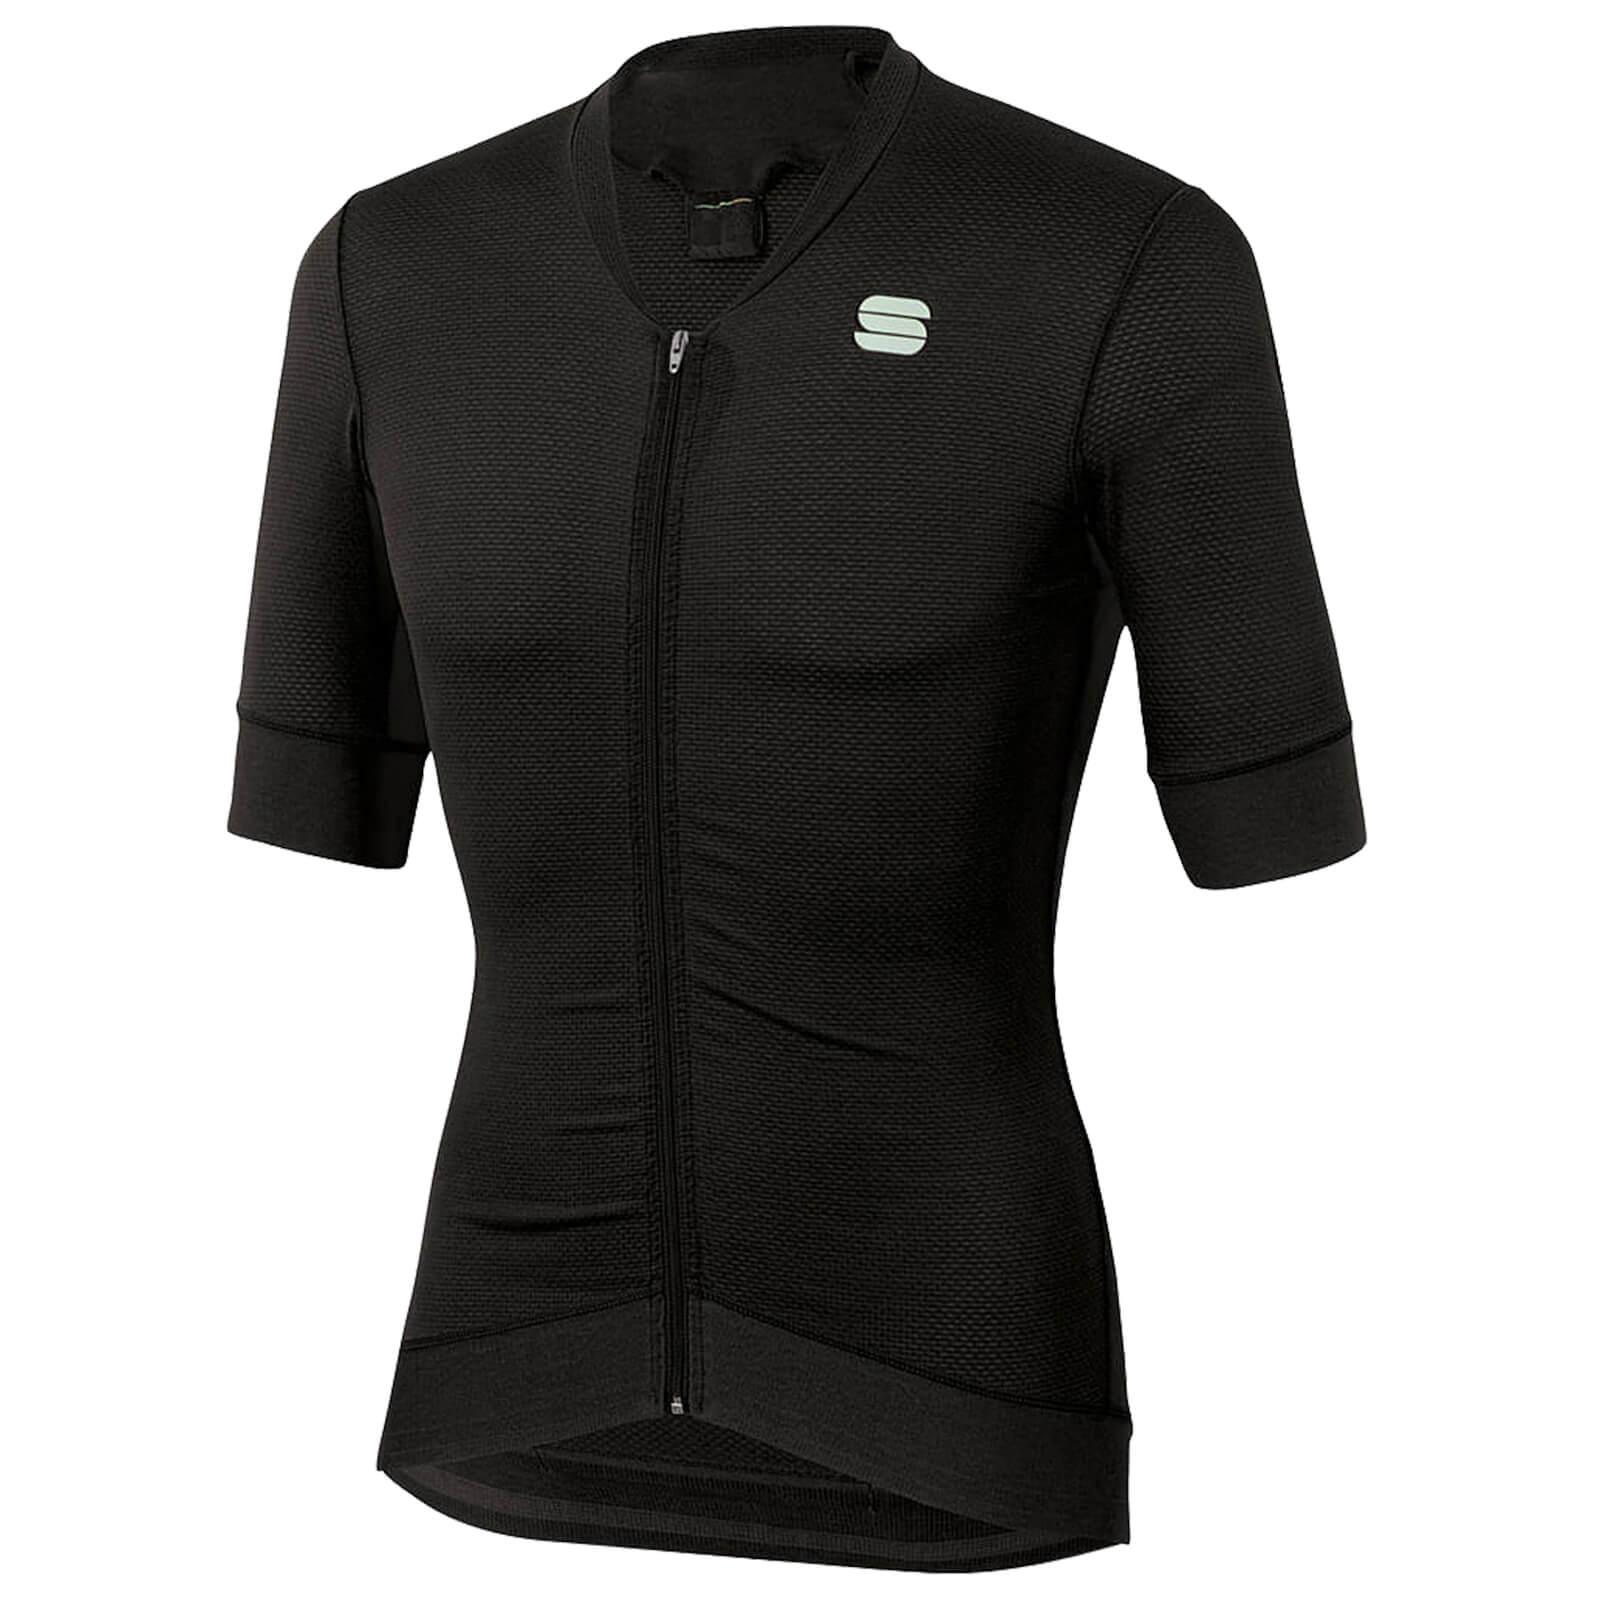 sportful monocrom jersey - xxl - black